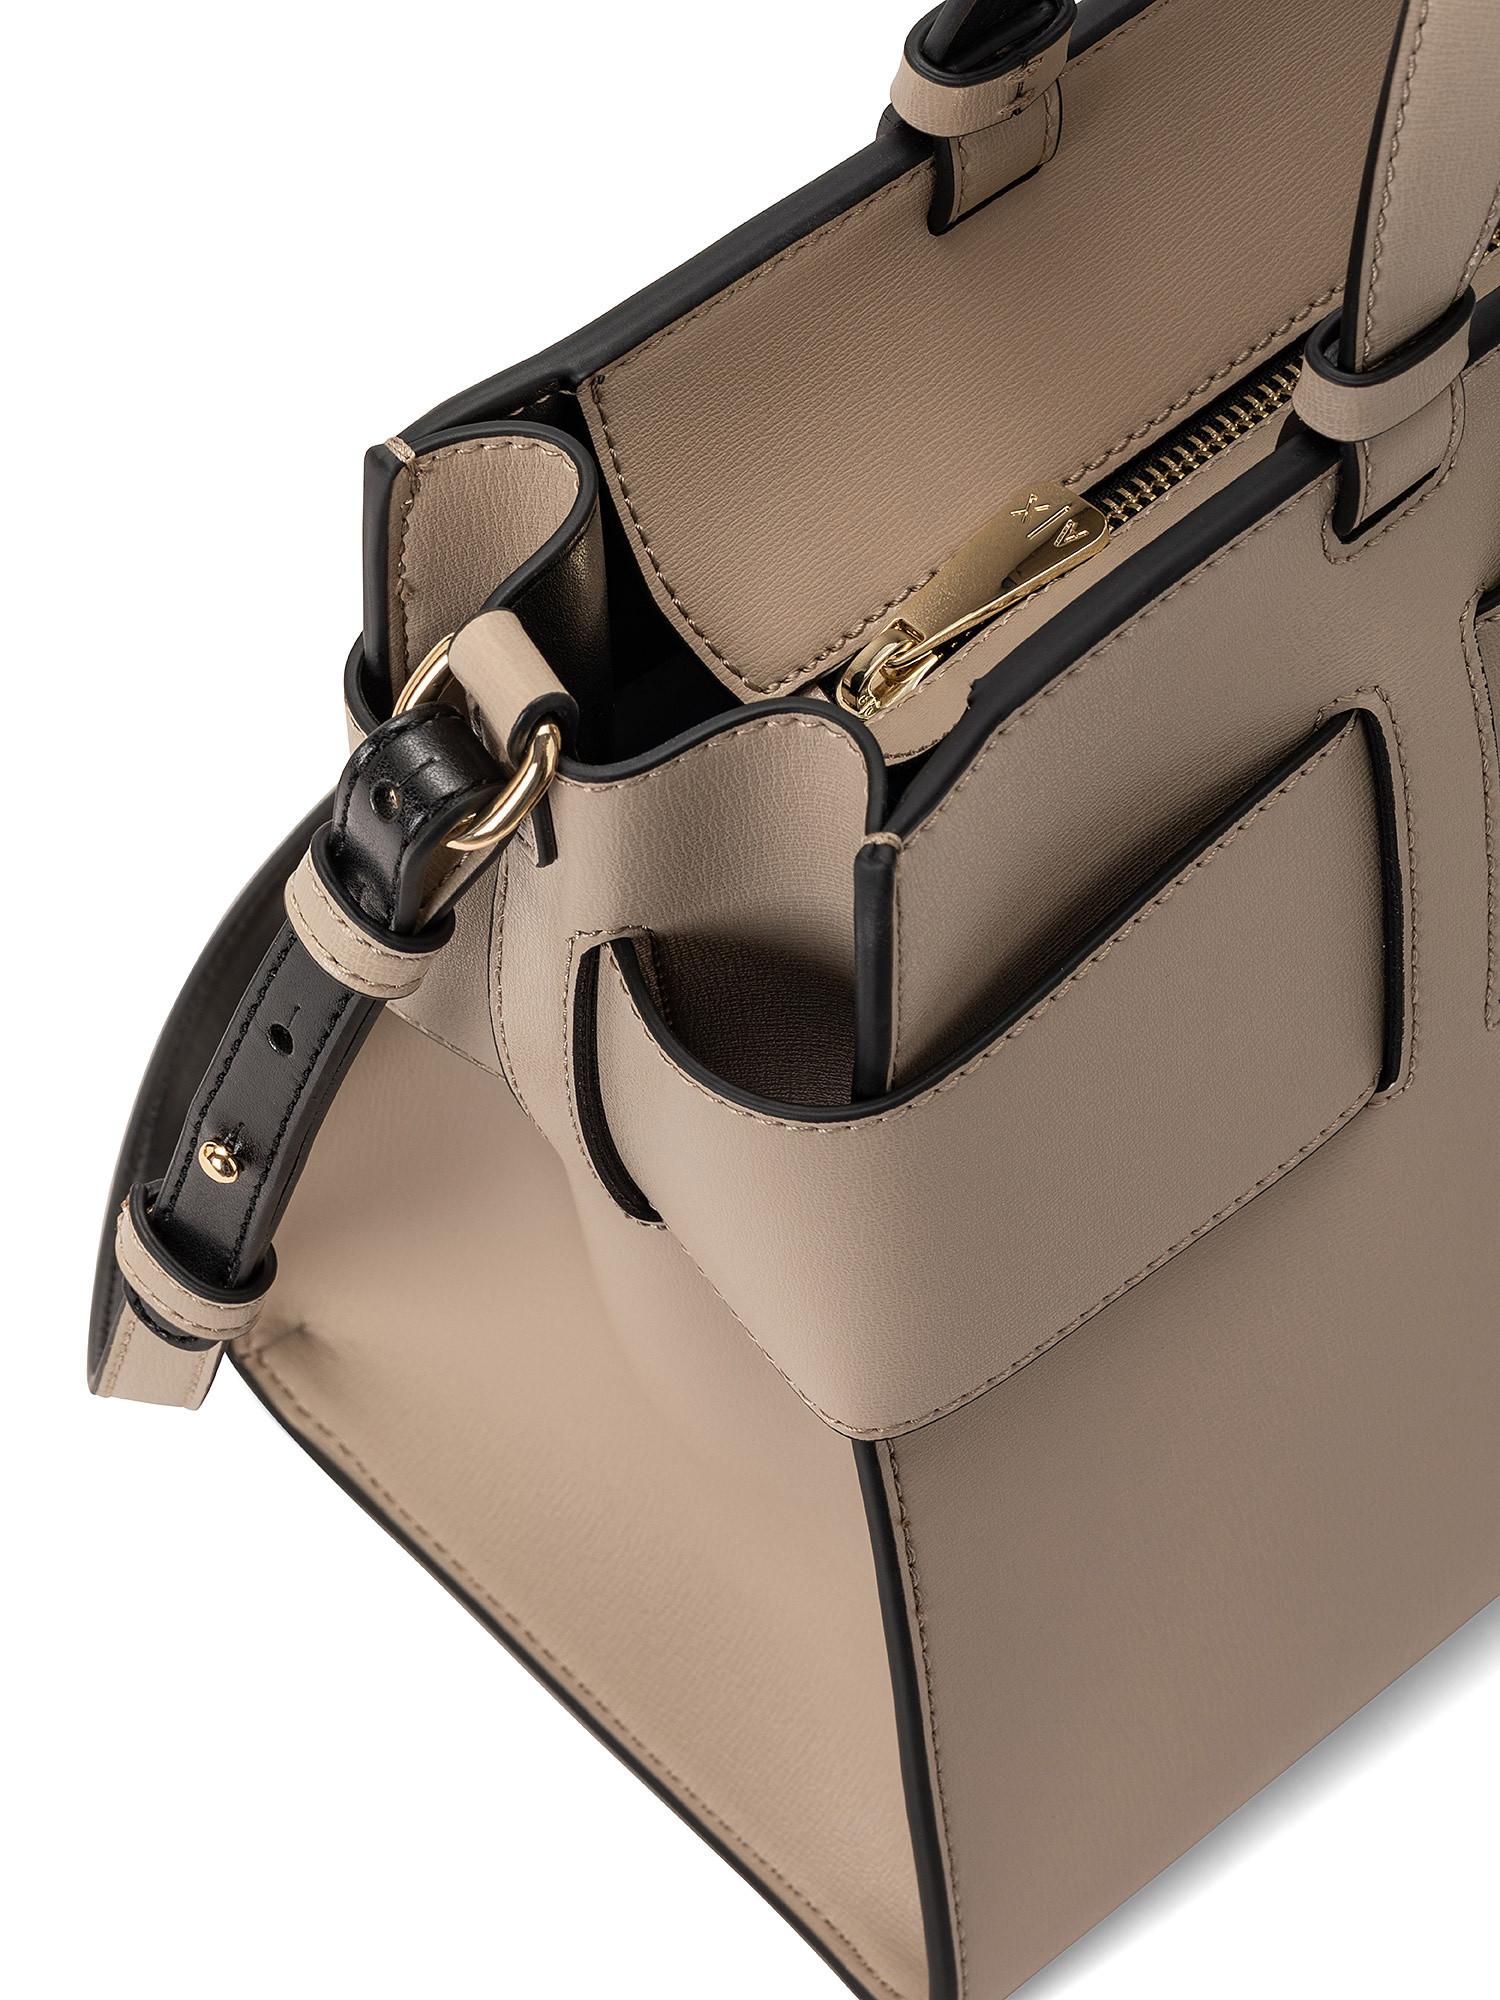 Tote bag grande con doppi manici e tracolla, Marrone, large image number 2